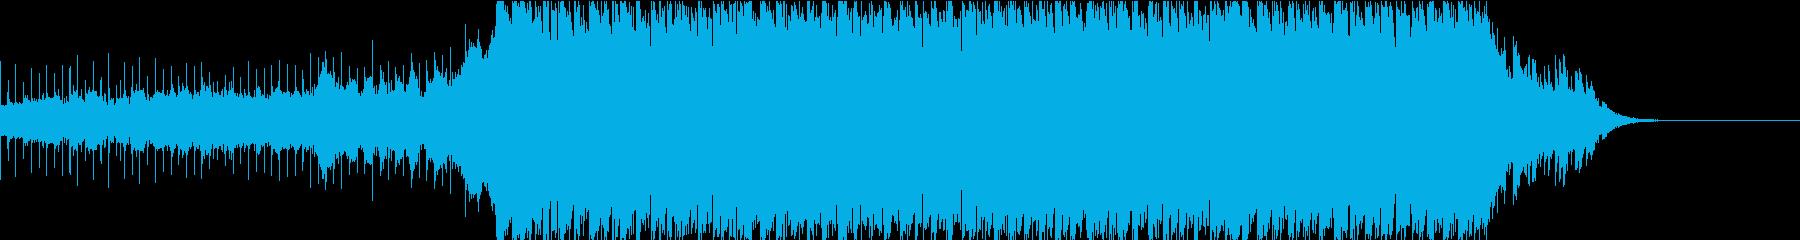 ポップ テクノ 代替案 ロック ア...の再生済みの波形